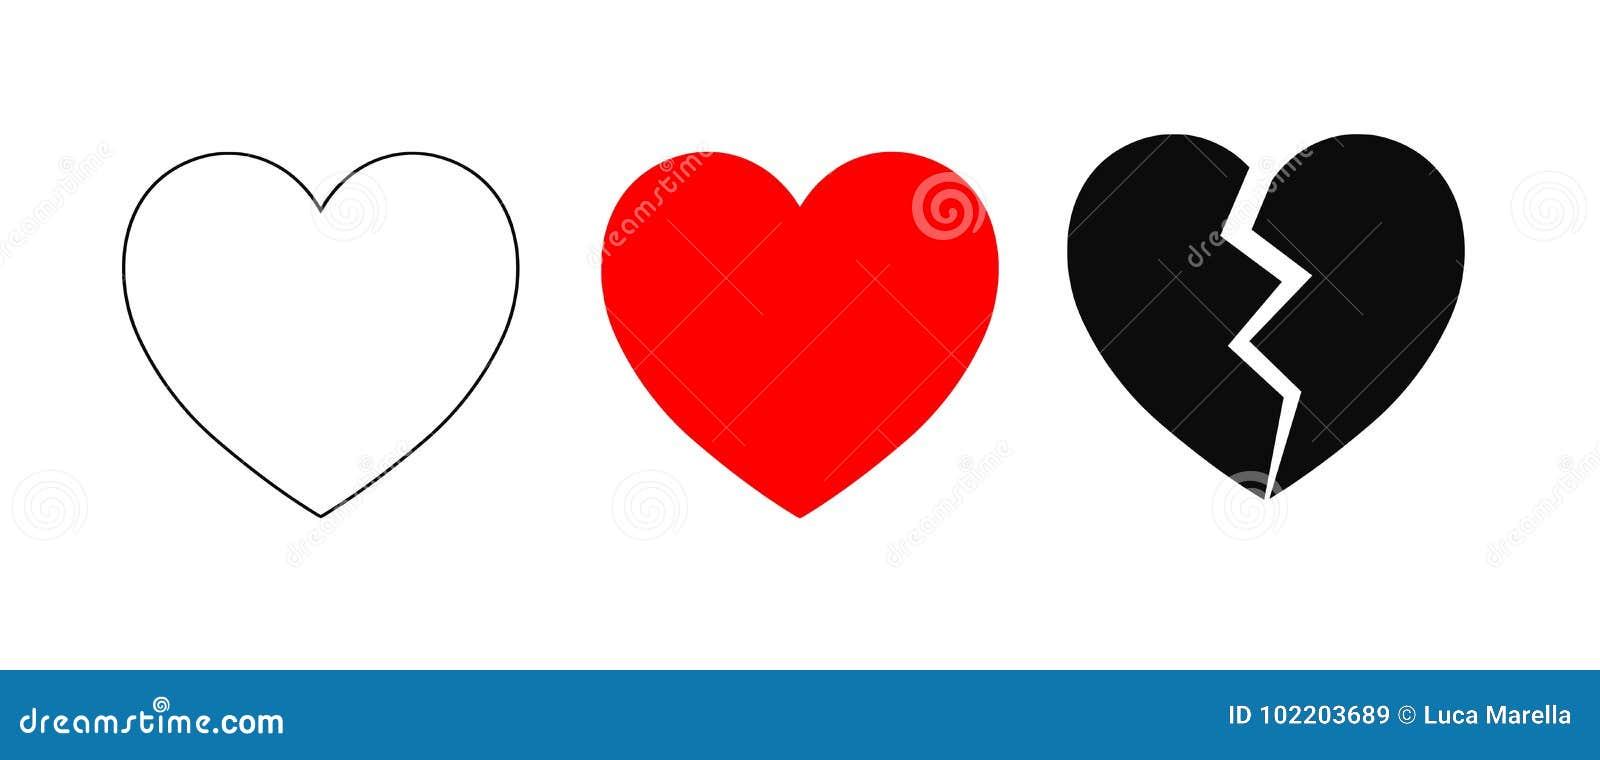 λευκό απεικόνισης εικονιδίων καρδιών ανασκόπησης